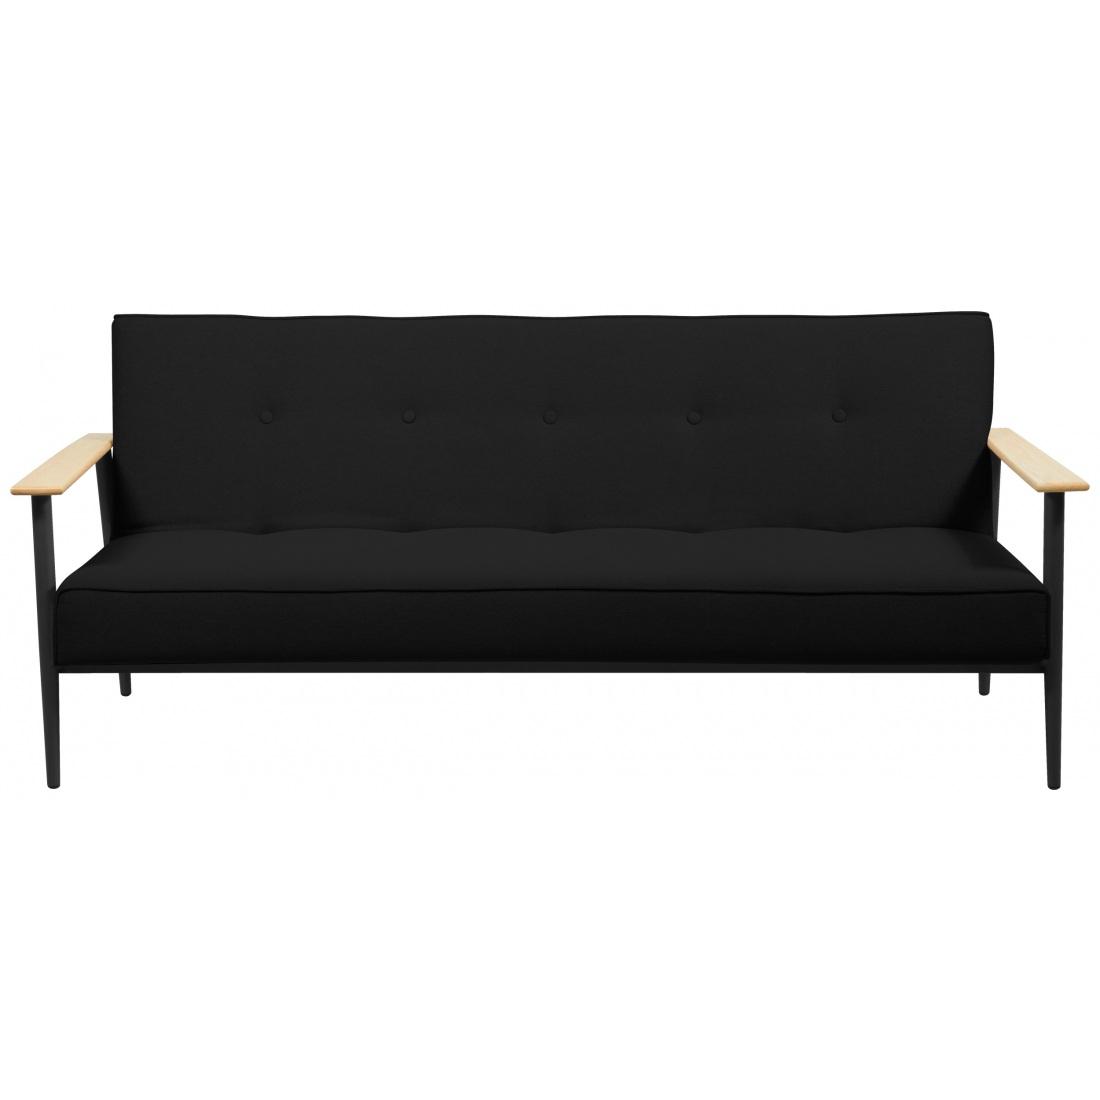 schlafsofa schwarz designer schlafcouch bettsofa g stebett. Black Bedroom Furniture Sets. Home Design Ideas